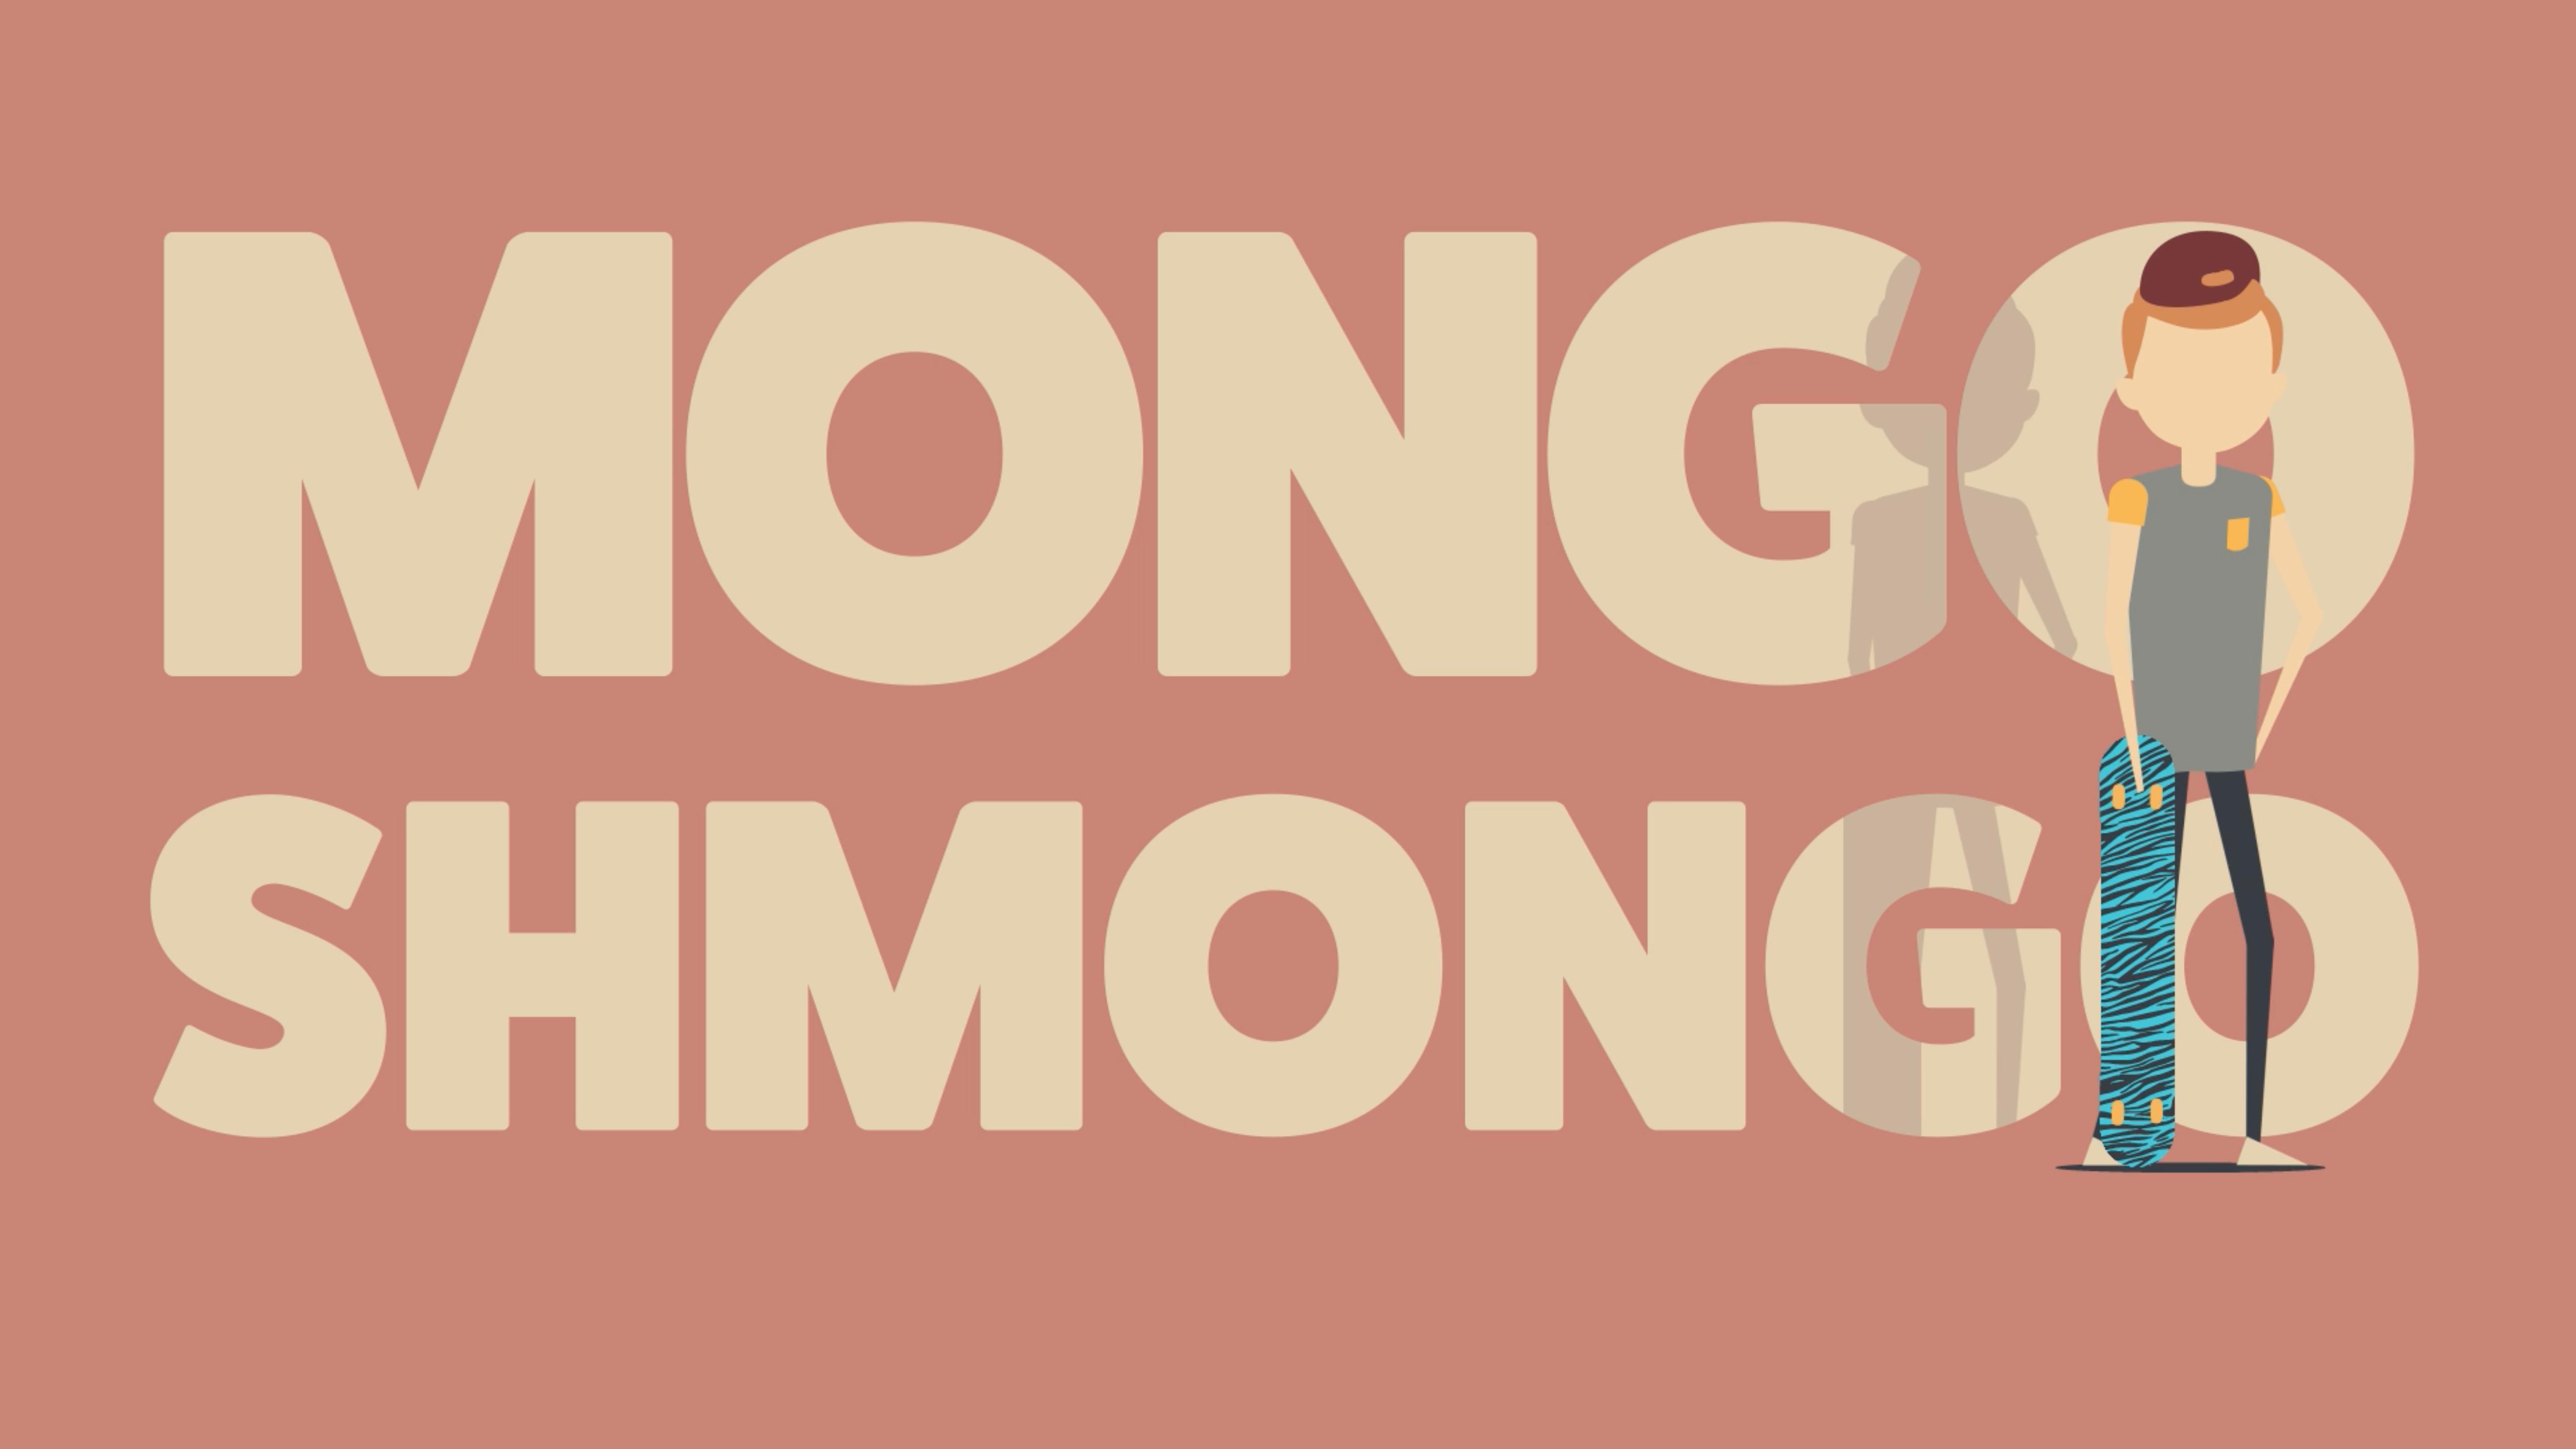 Mongo Shmongo